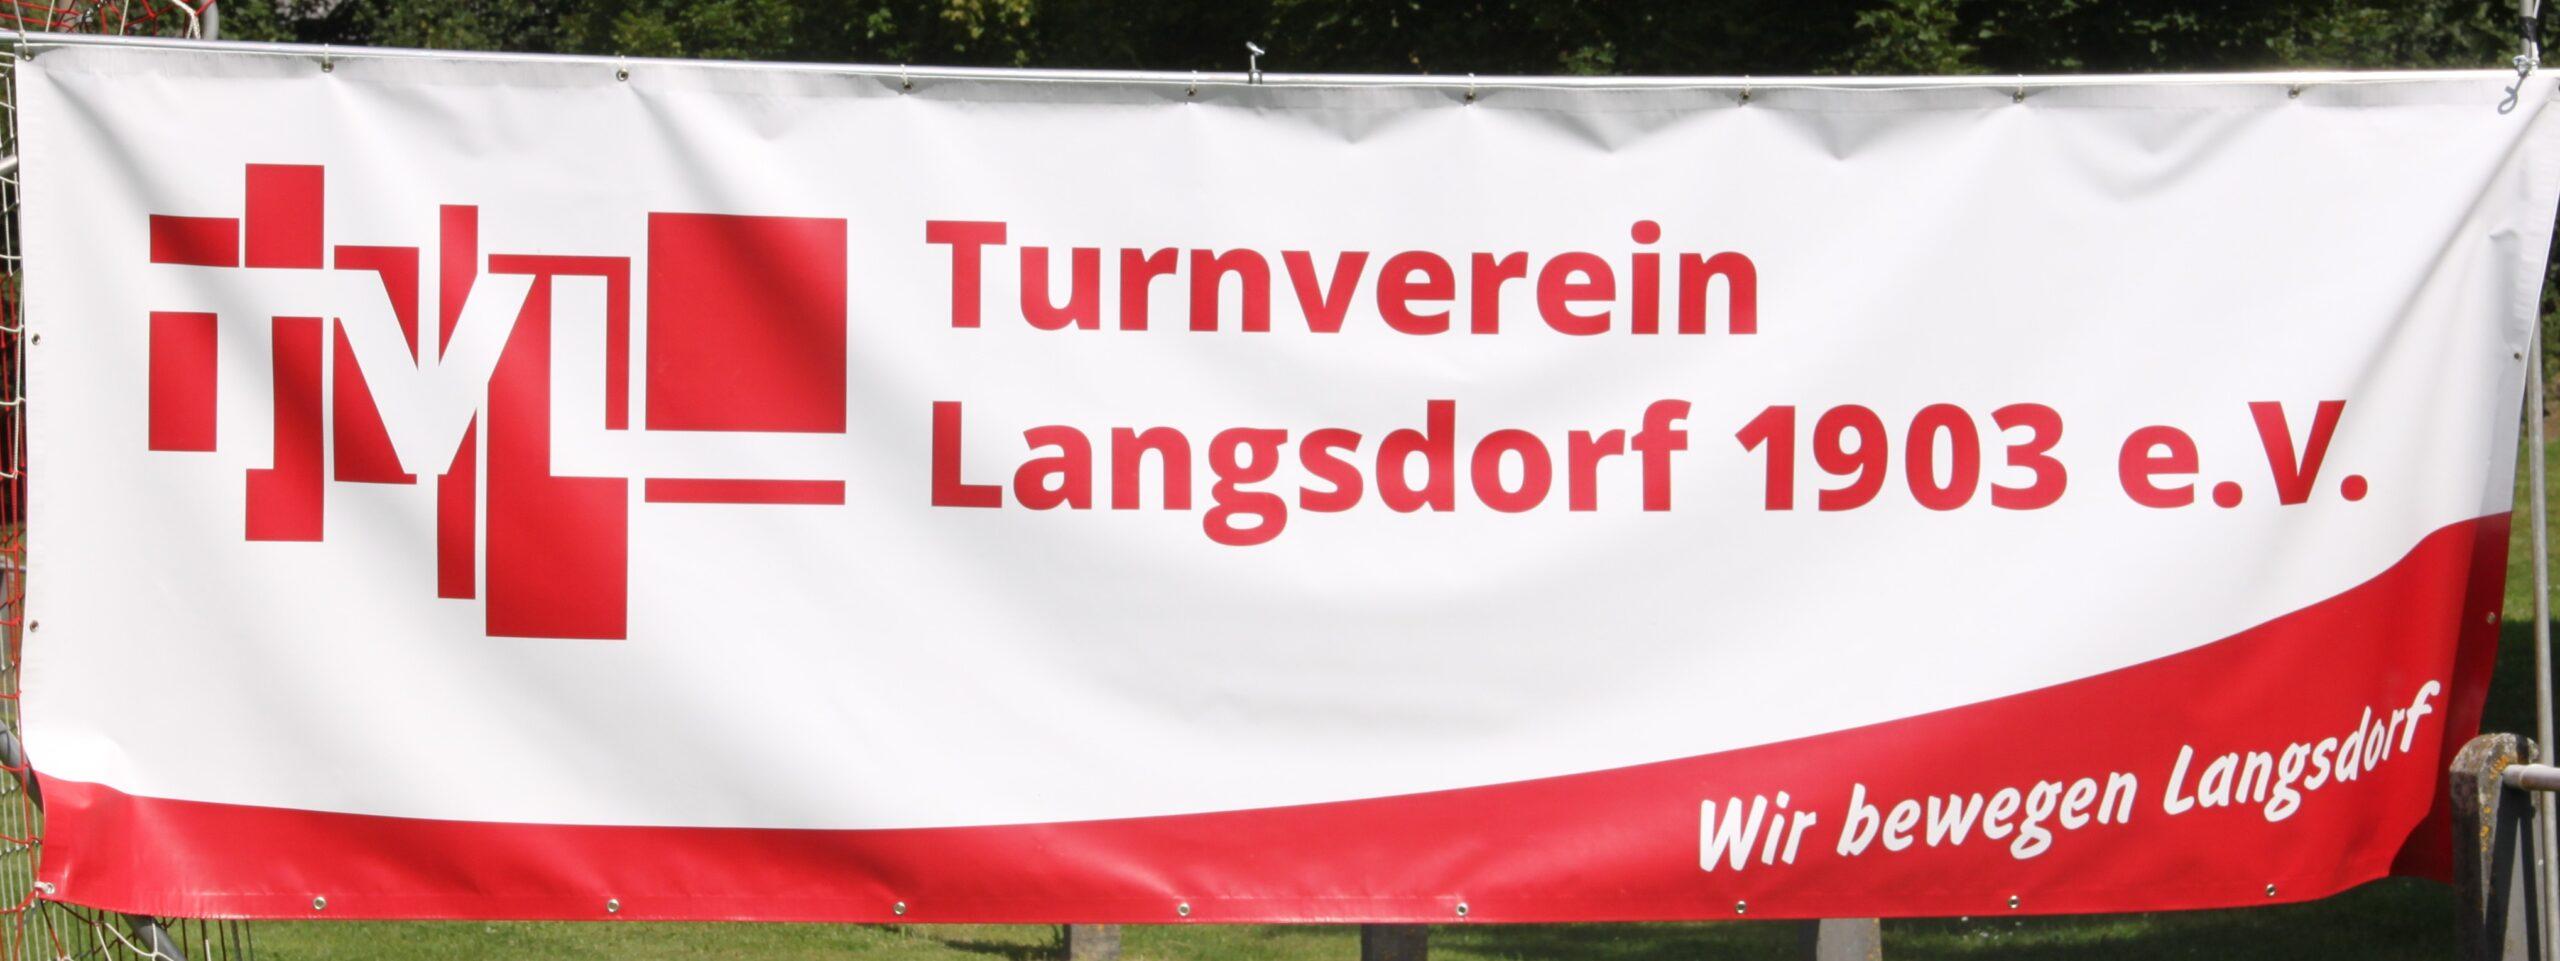 TV Langsdorf 1903 e.V.